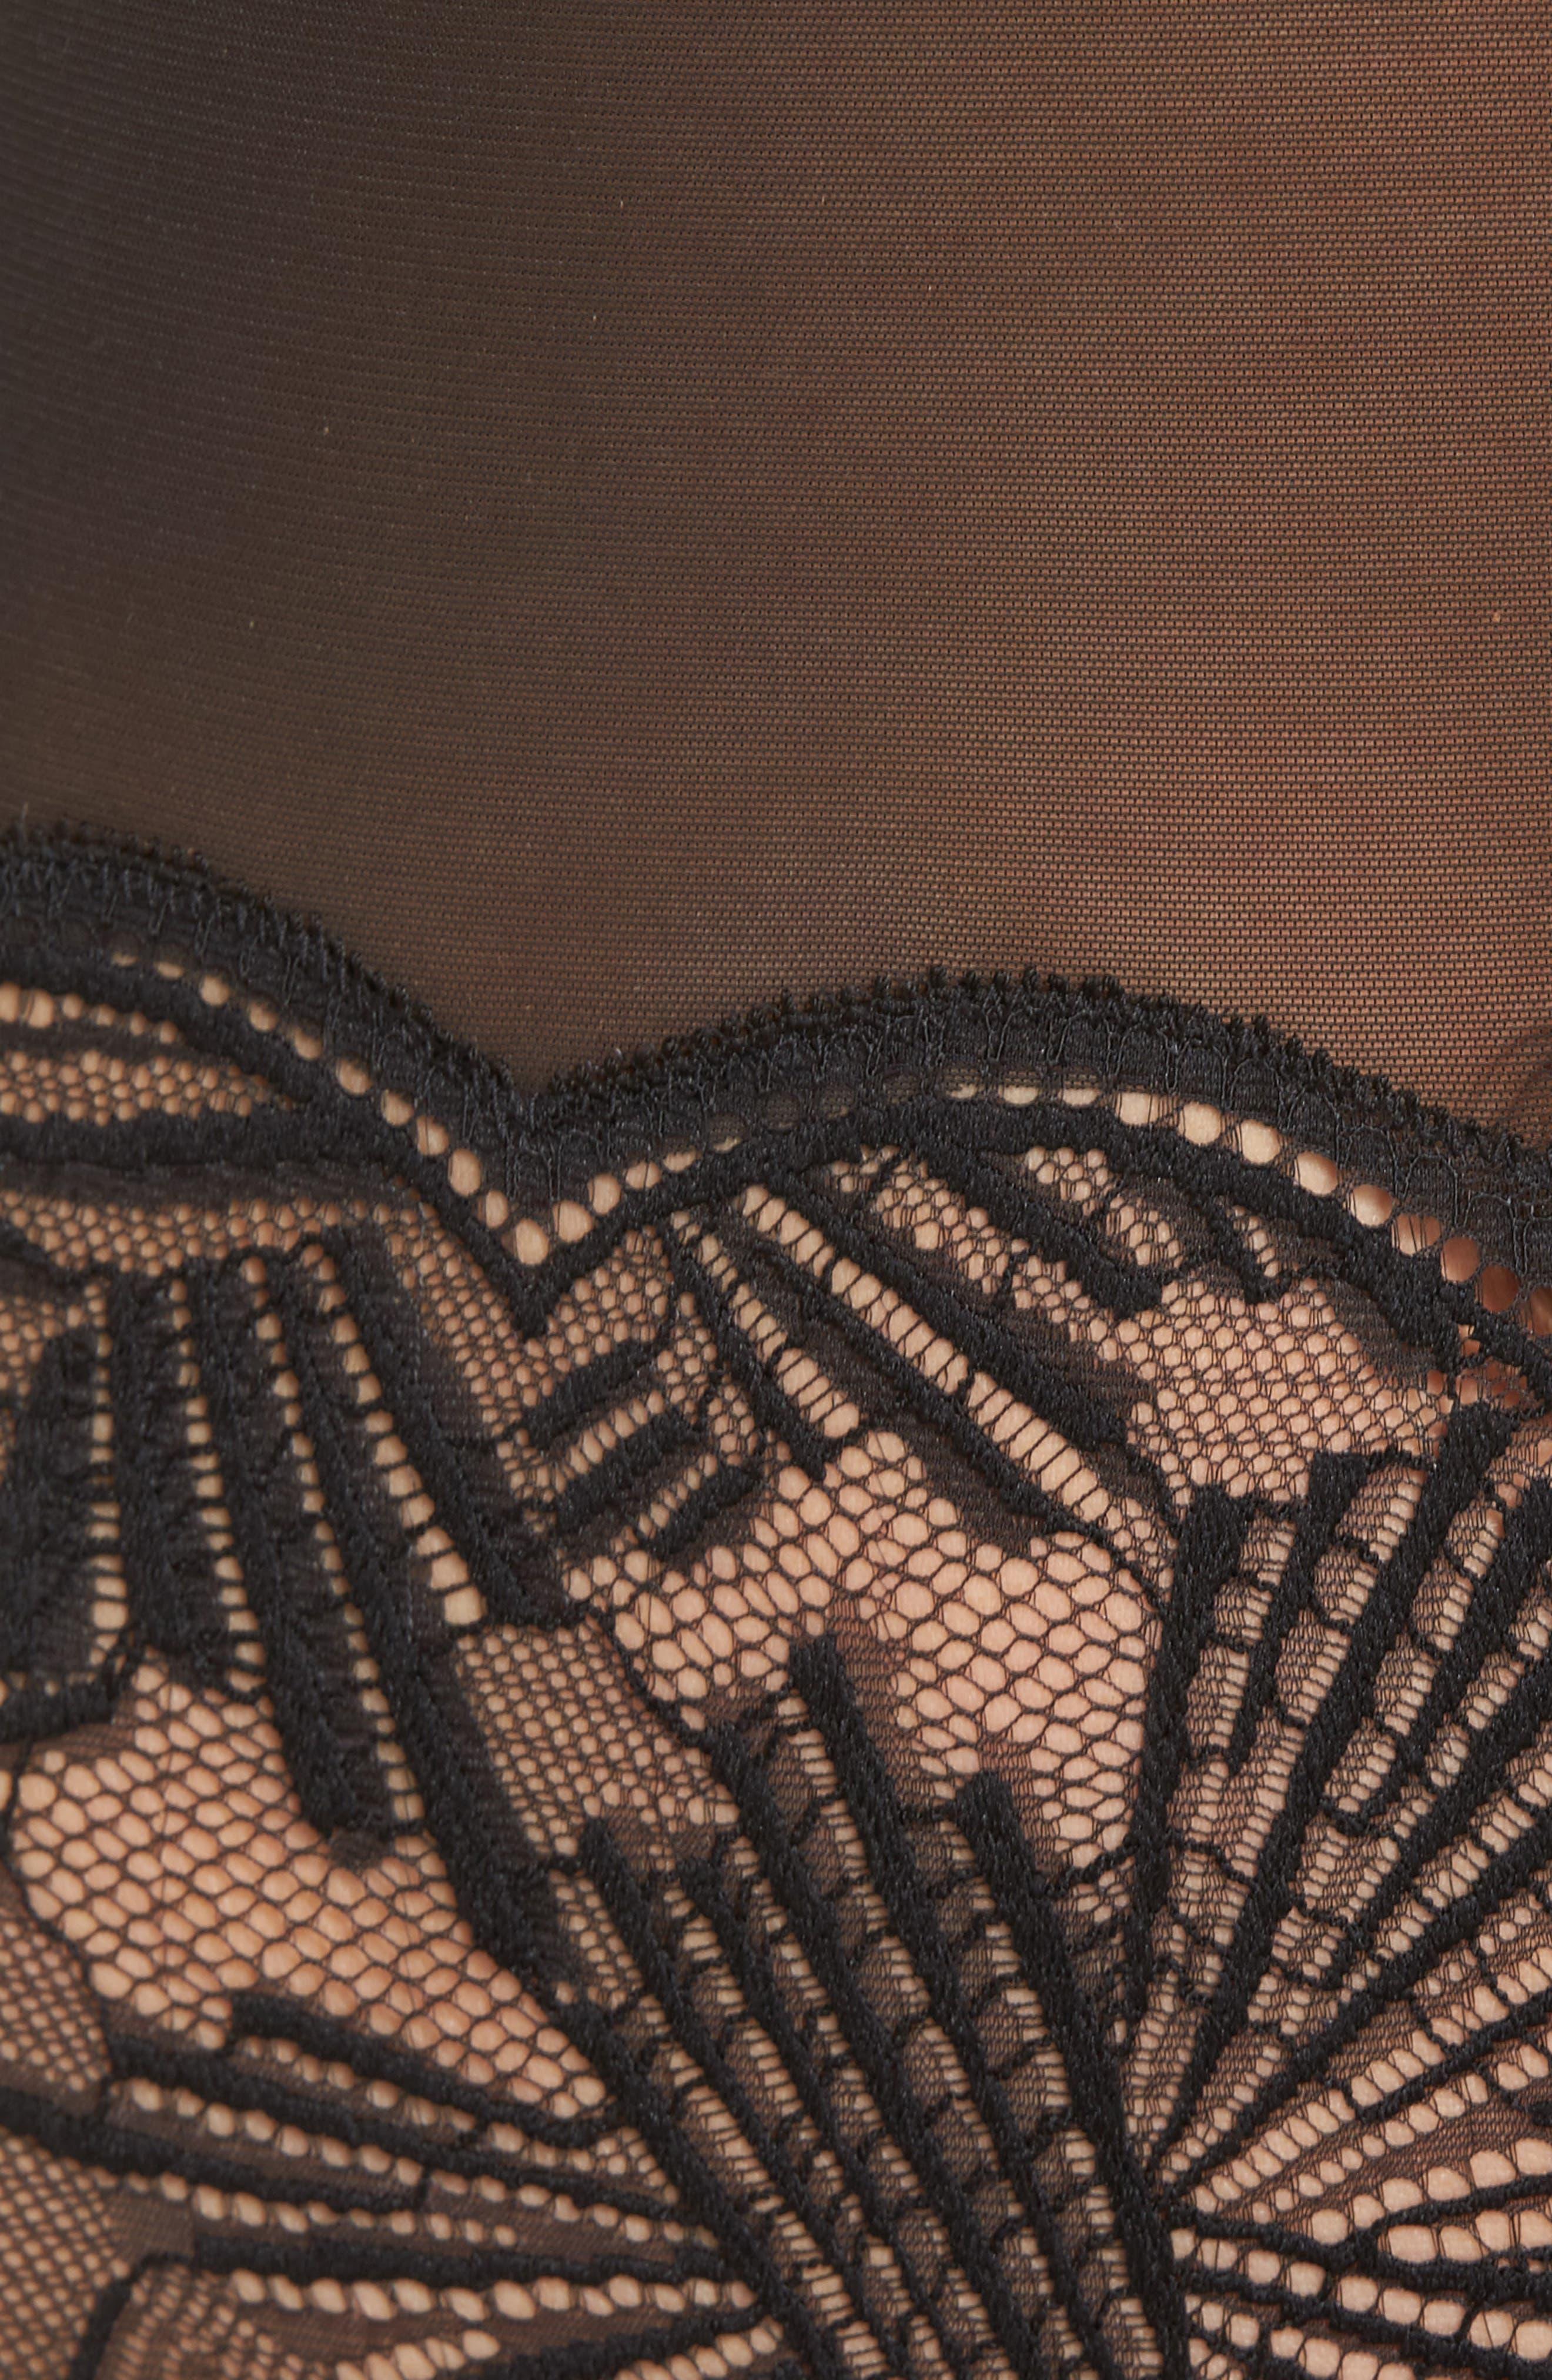 PF Slipcover Bodysuit,                             Alternate thumbnail 7, color,                             Black